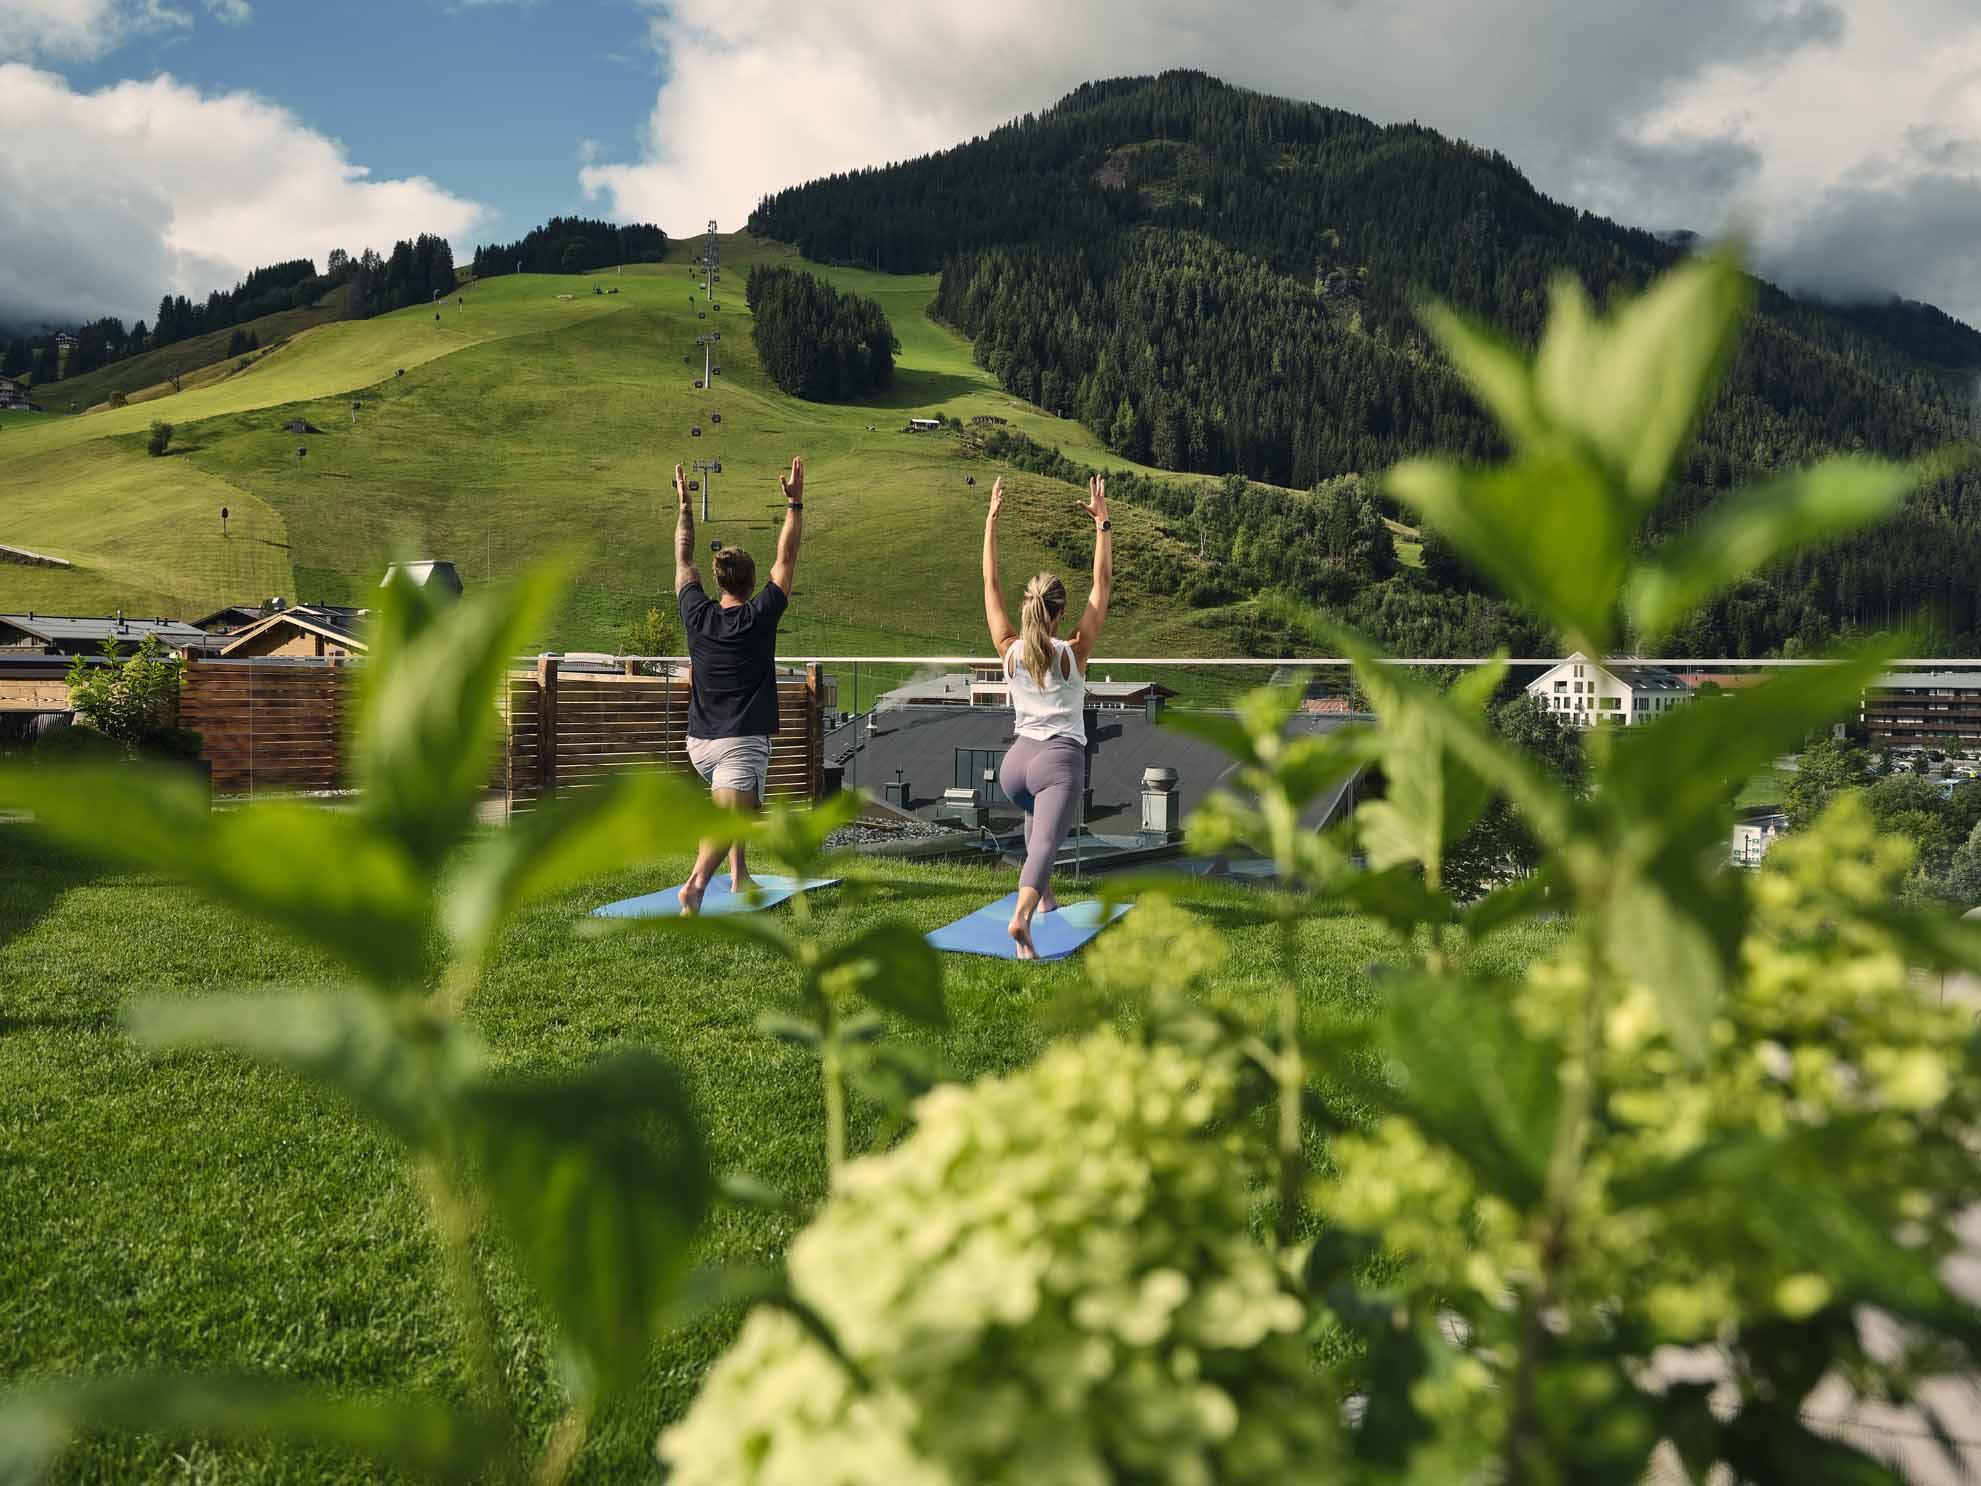 Zwei Personen machen einen Yoga-Position auf der begrünten Sonnenterrasse